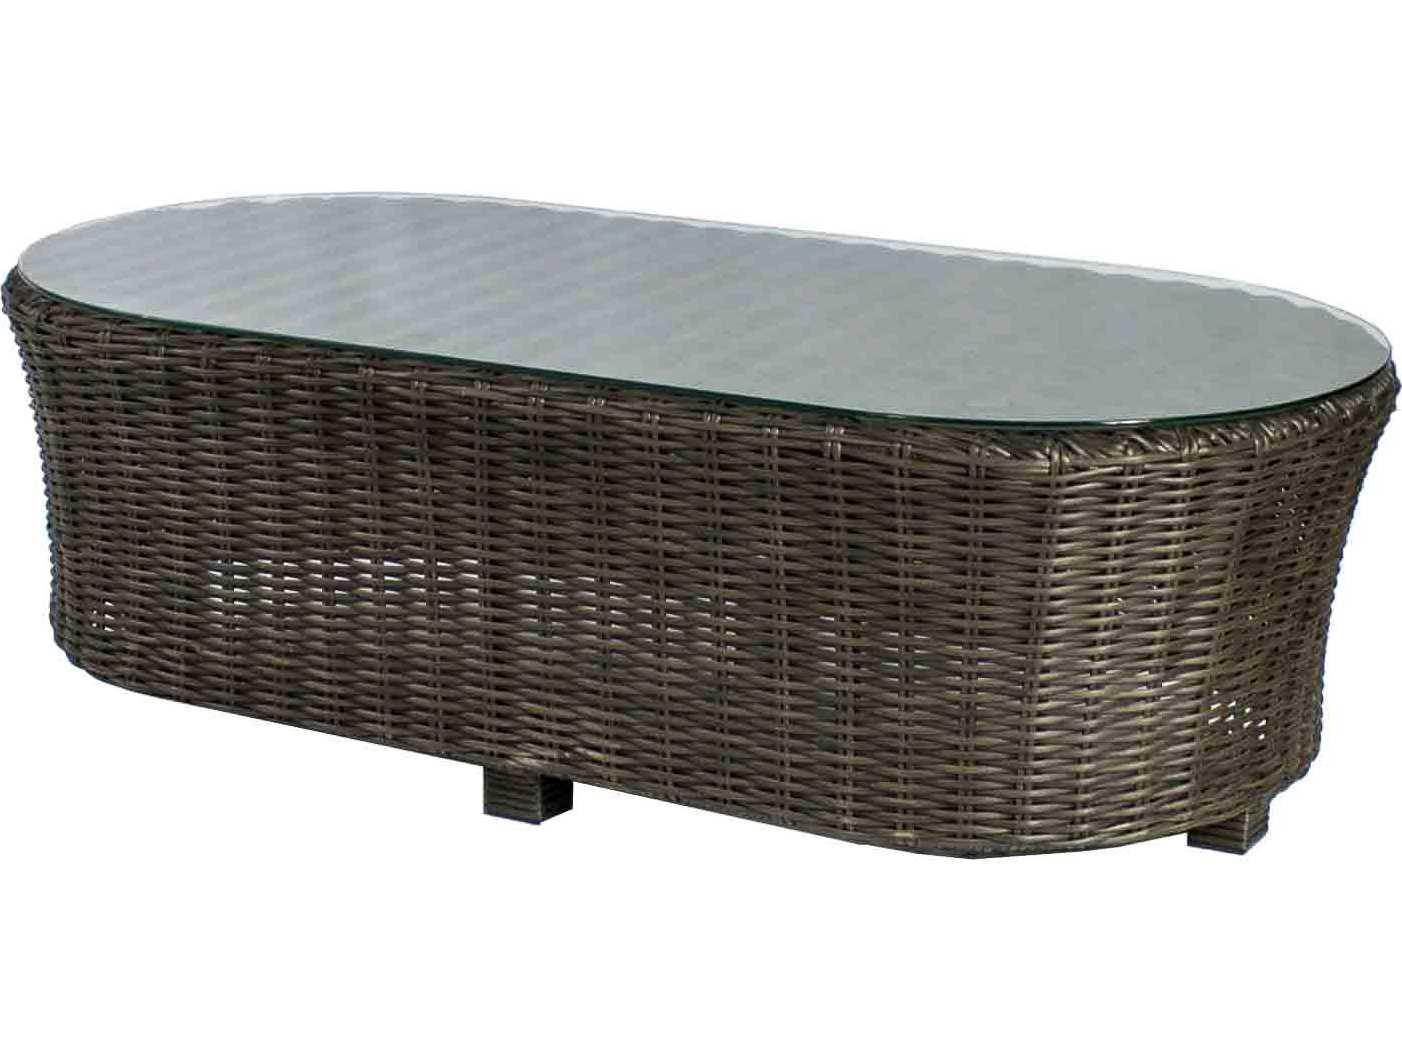 Source outdoor furniture wellington wicker 48 x 24 oval for Outdoor furniture wellington